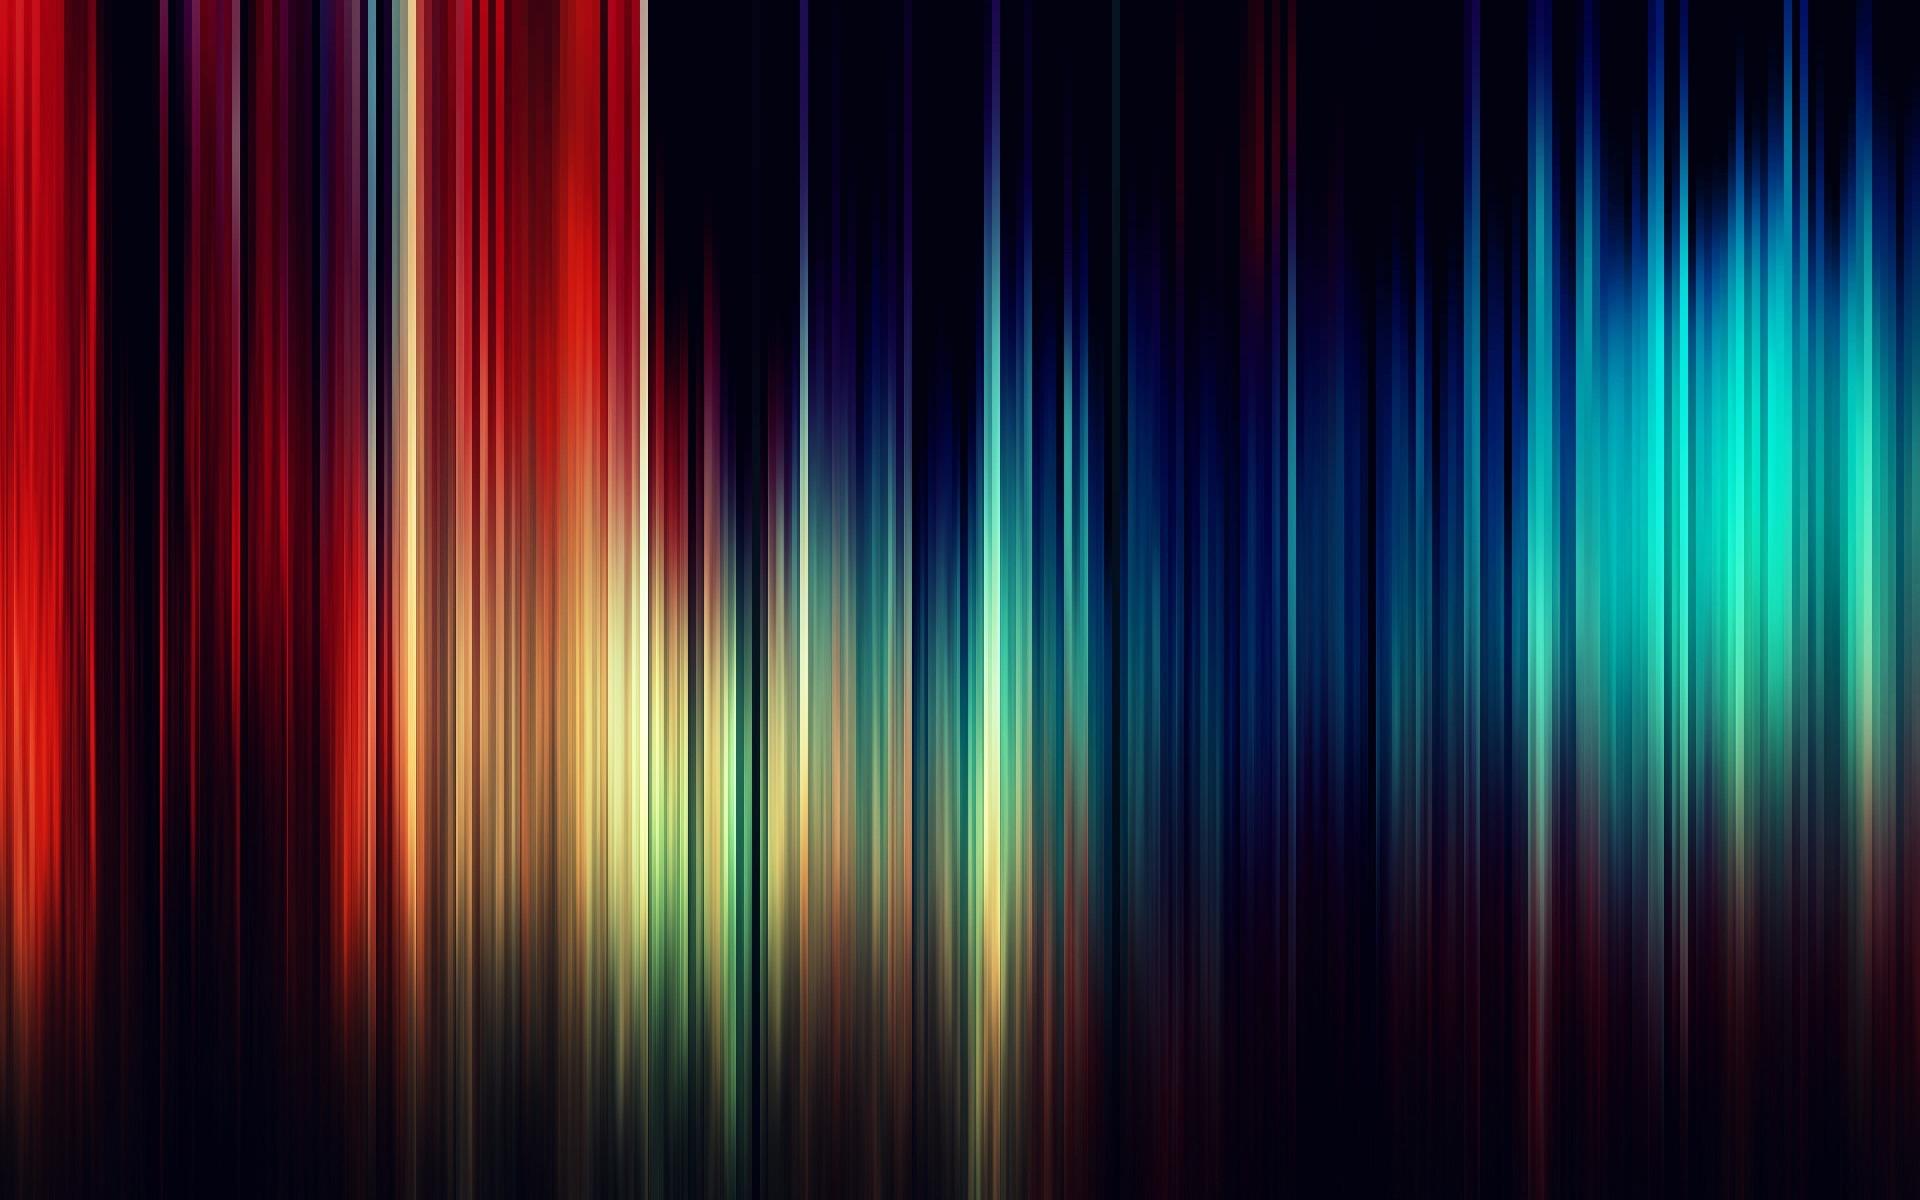 multicolor black background hd wallpaper - photo #22